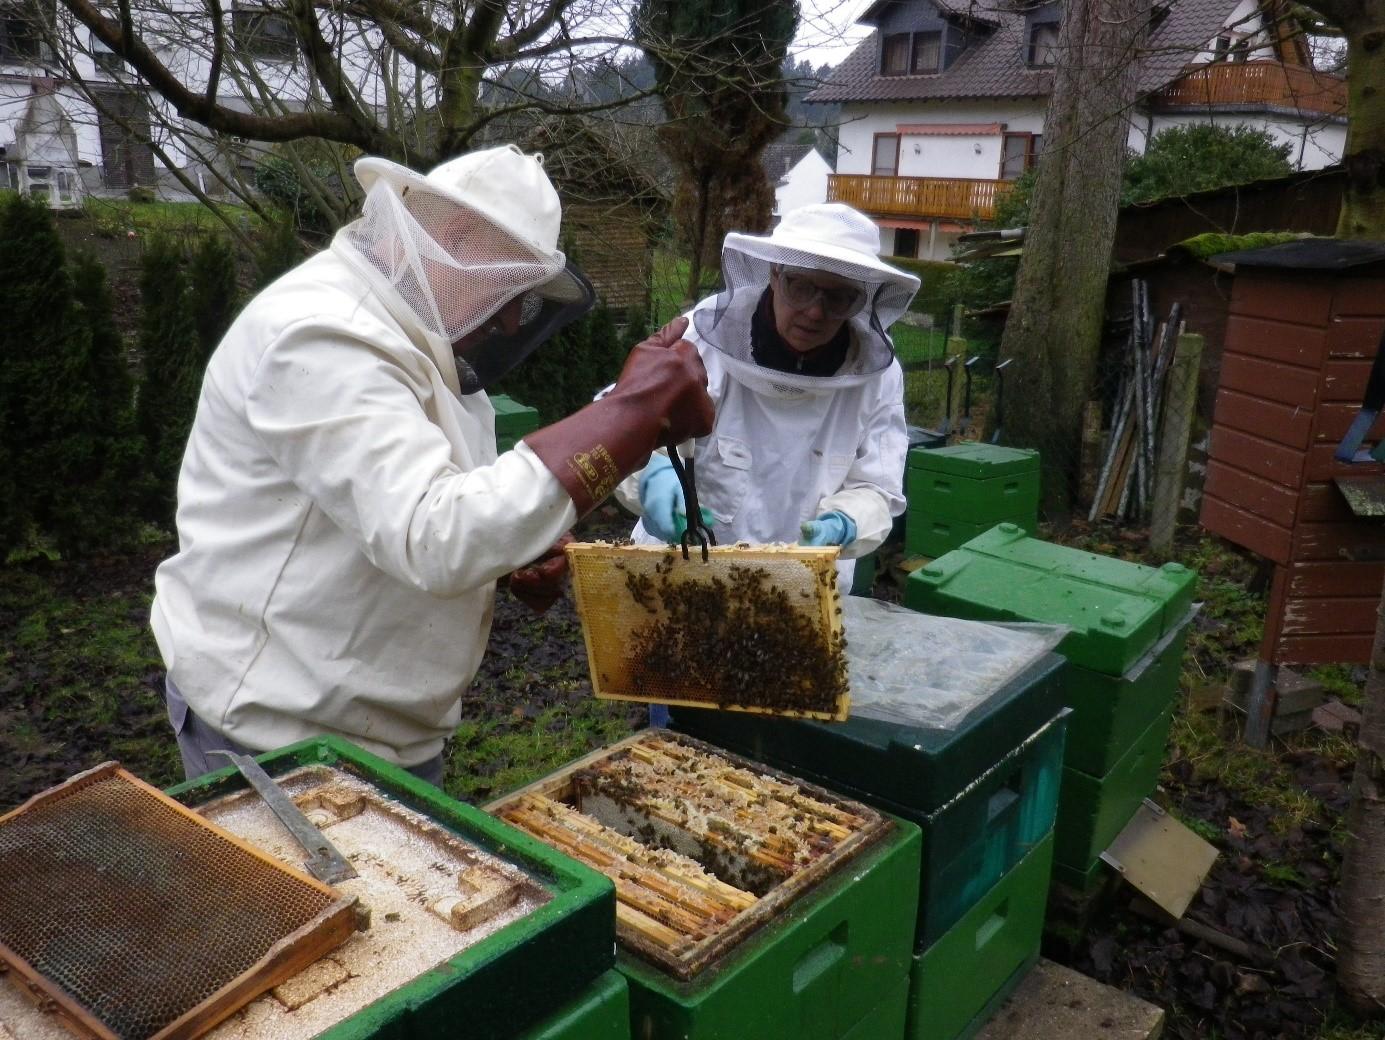 Fotos: Friedel und Heike bei der Behandlung der Bienenvölker